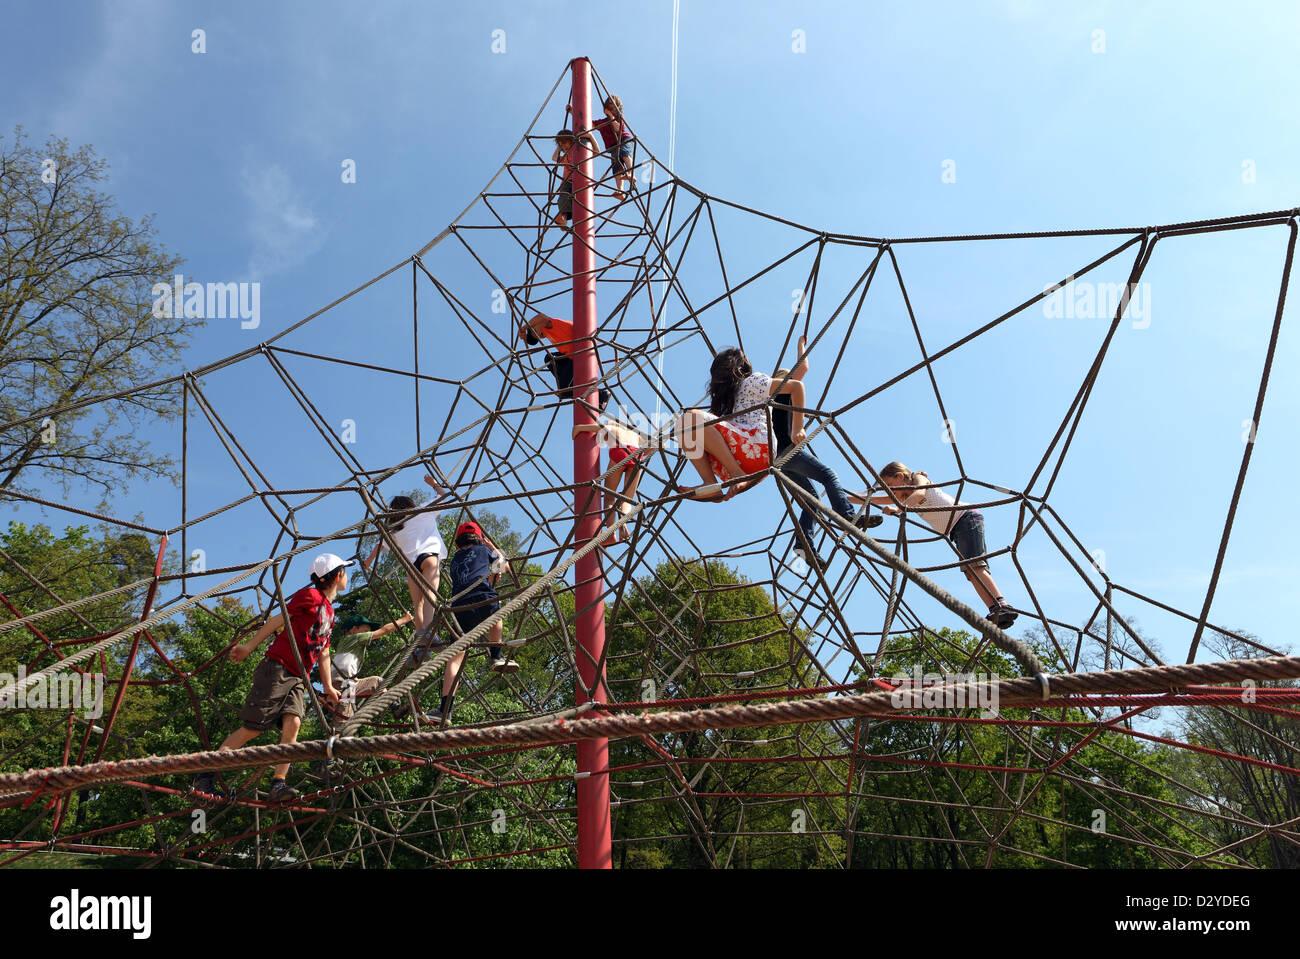 Klettergerüst Von Oben : Klettergerüst rutsche schaukel ebay kleinanzeigen